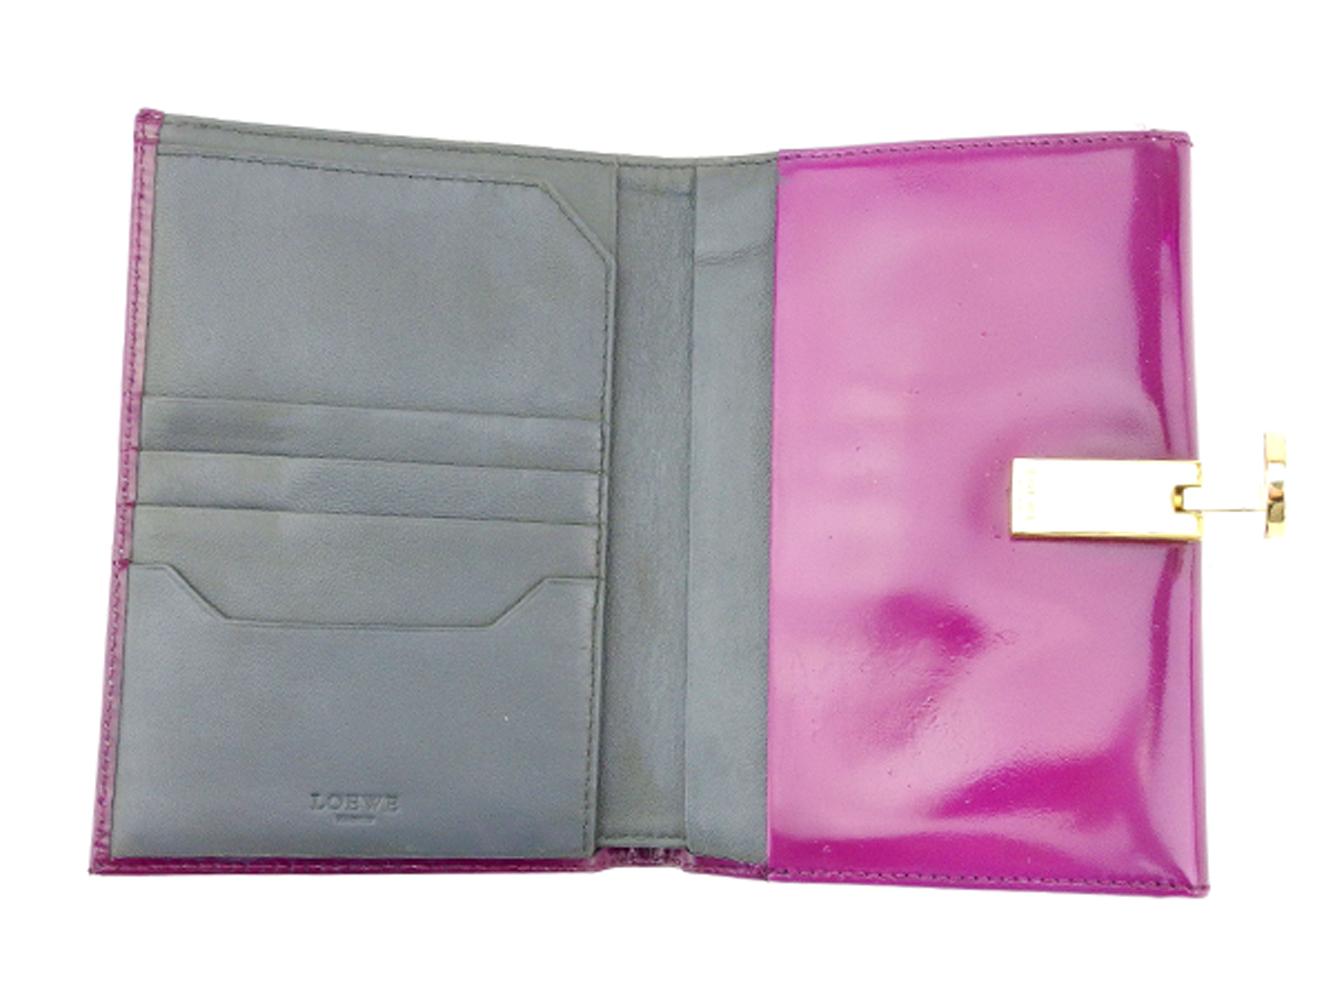 a0e3d0ded779 ロエベ スーパー LOEWE Wホック 財布 二つ折り 財布 メンズ 財布 ...